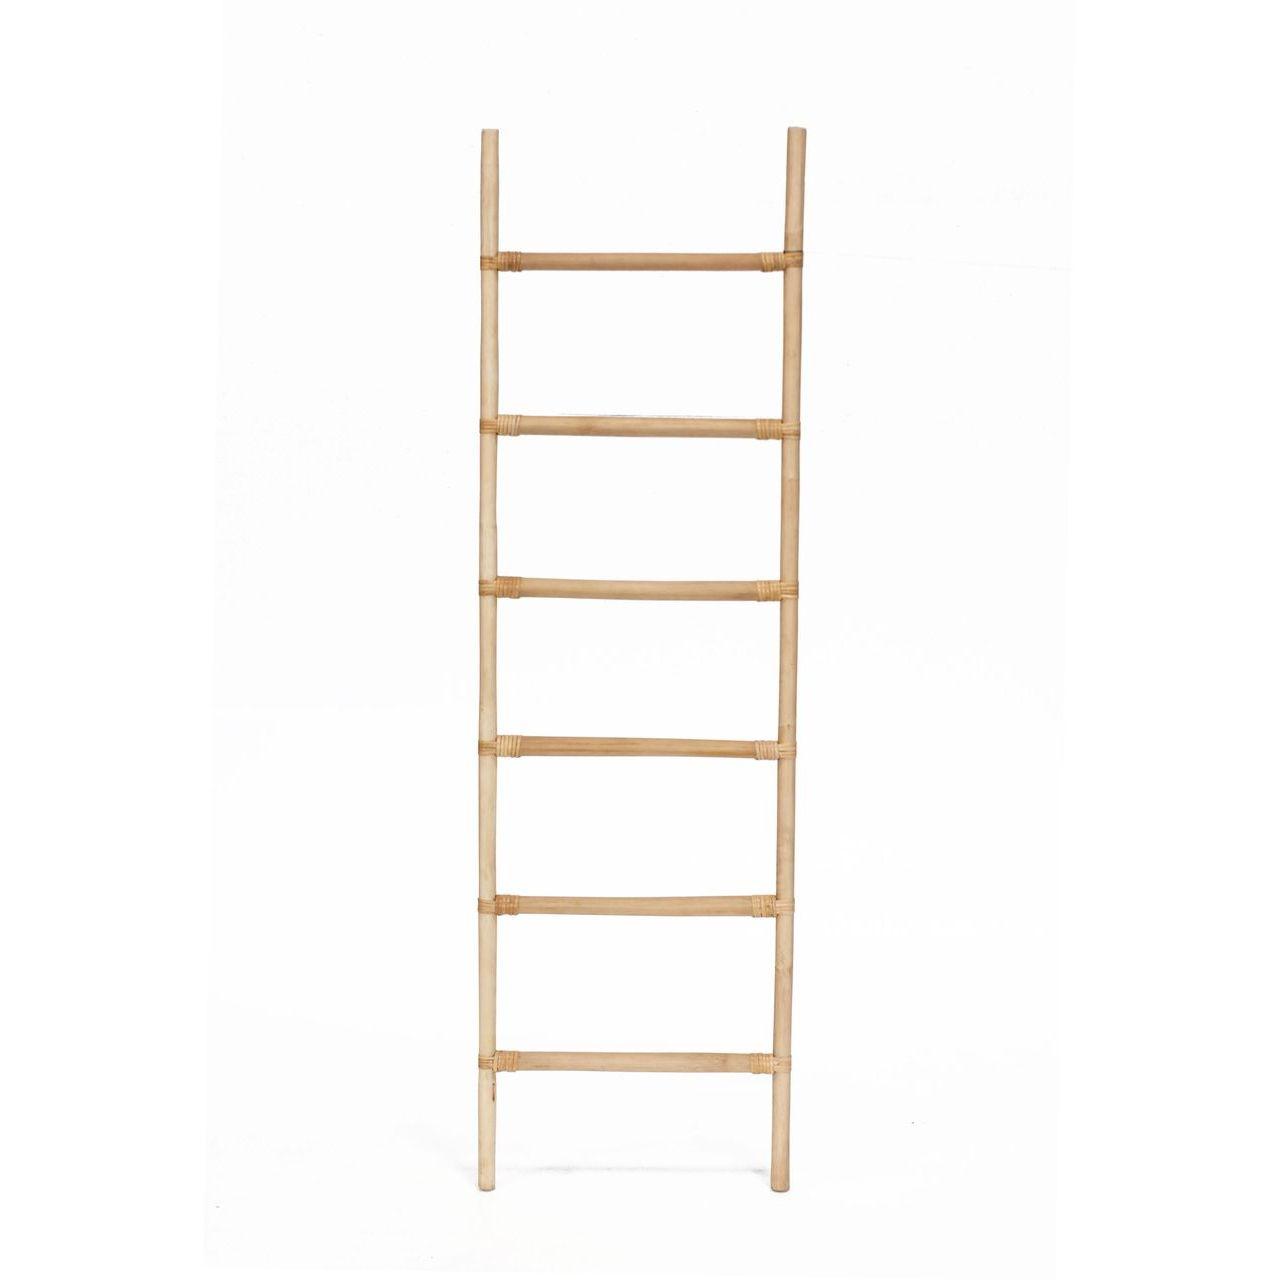 Padma Rattan Ladder in Natural